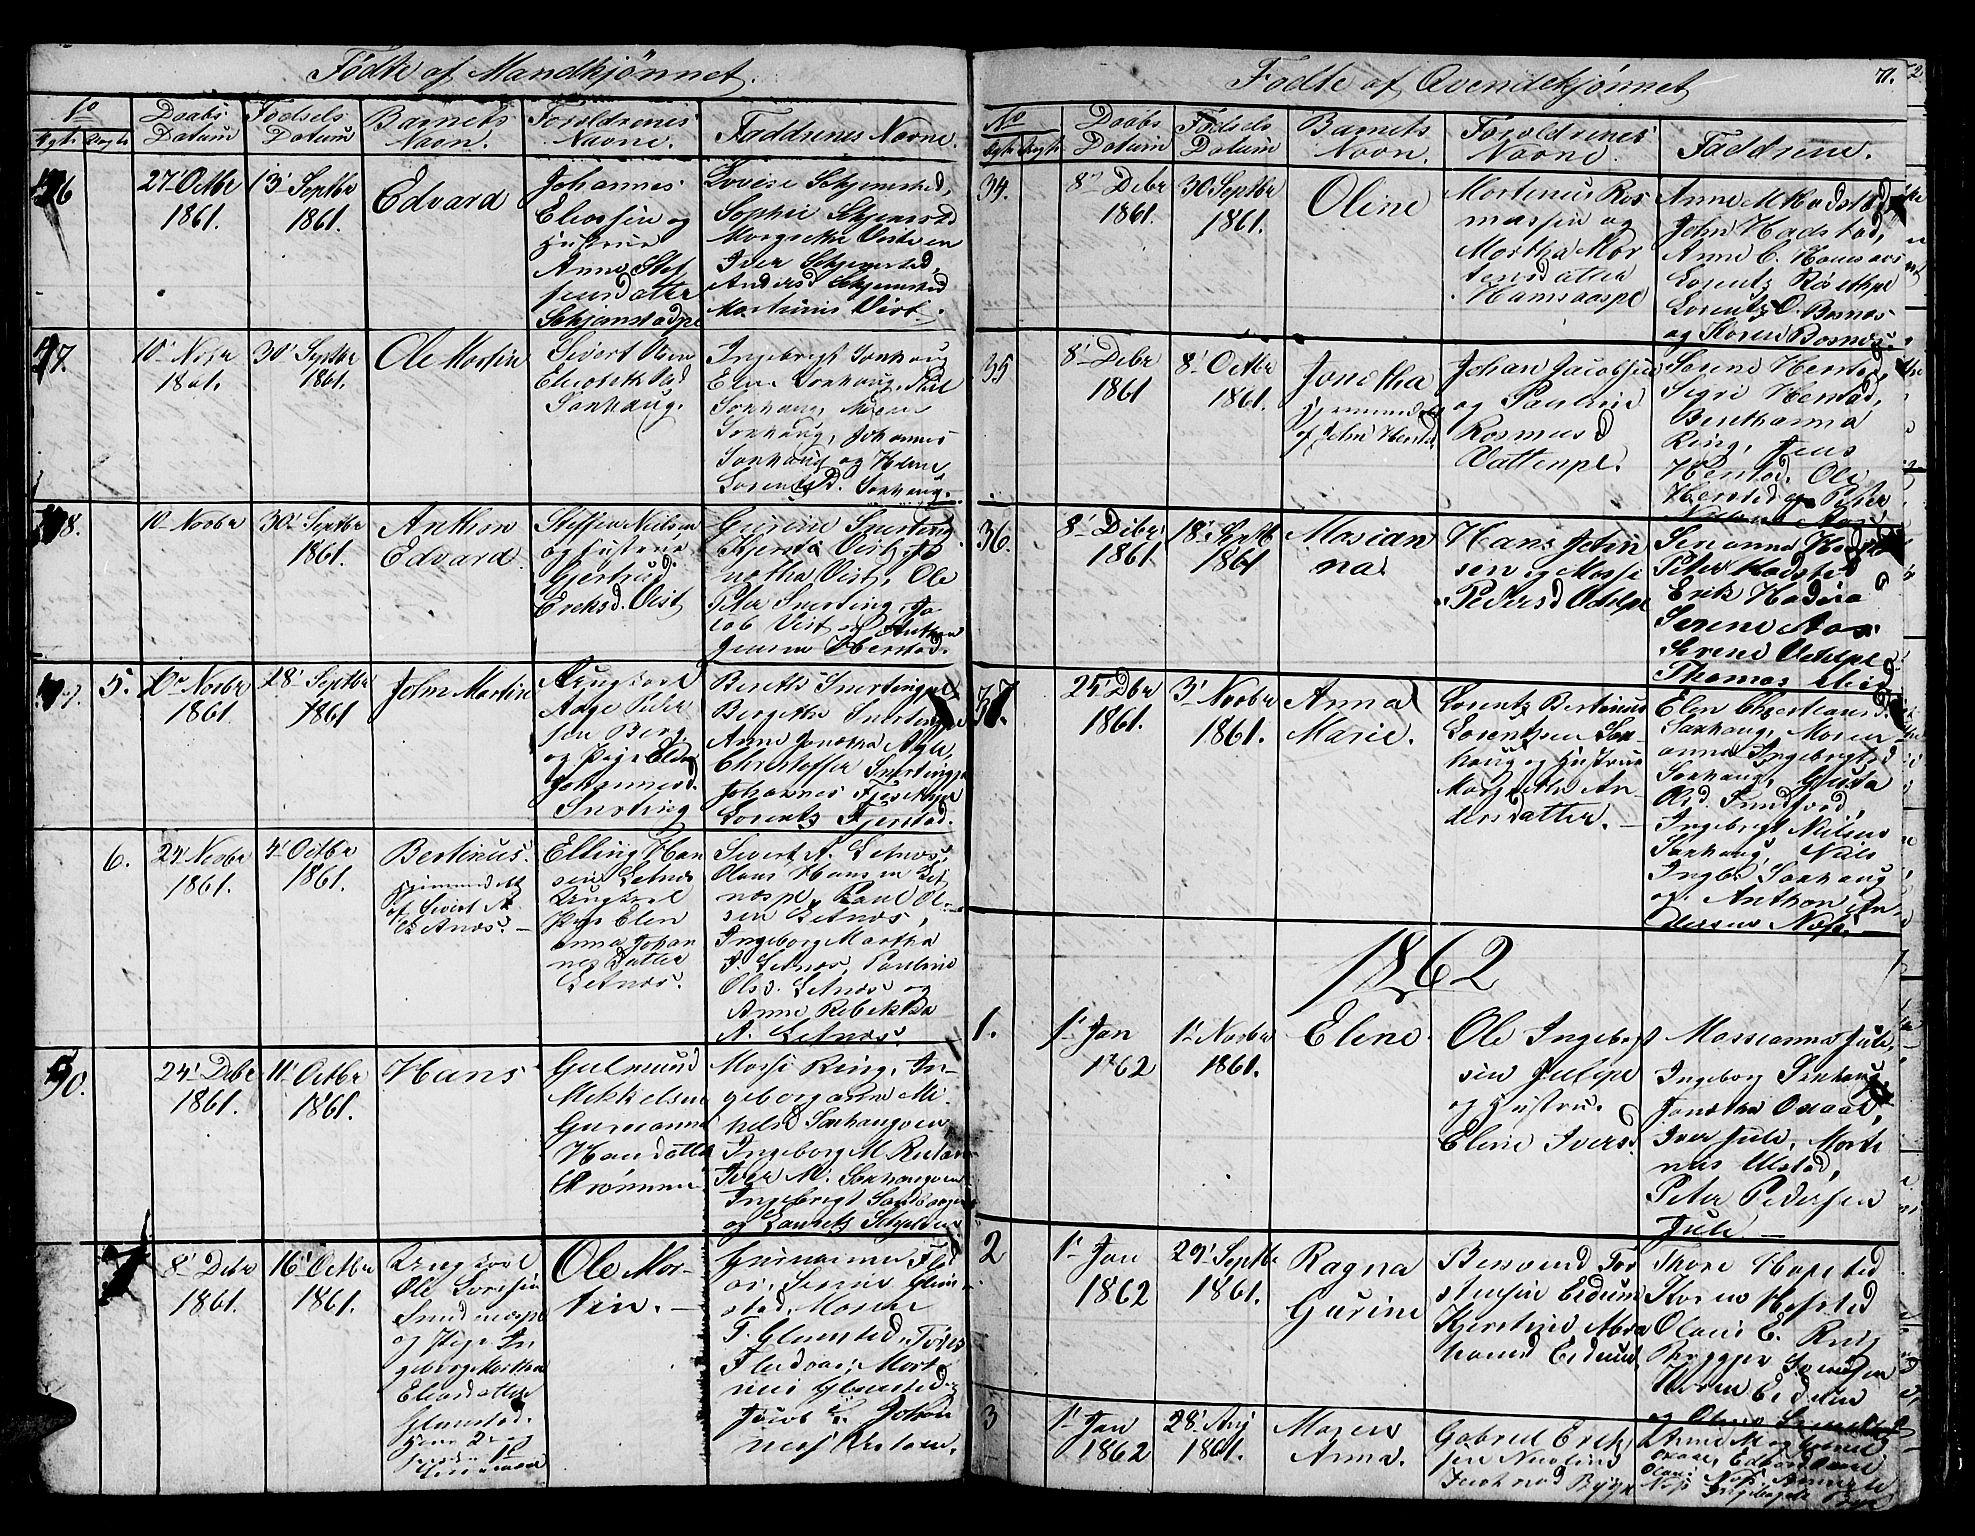 SAT, Ministerialprotokoller, klokkerbøker og fødselsregistre - Nord-Trøndelag, 730/L0299: Klokkerbok nr. 730C02, 1849-1871, s. 71